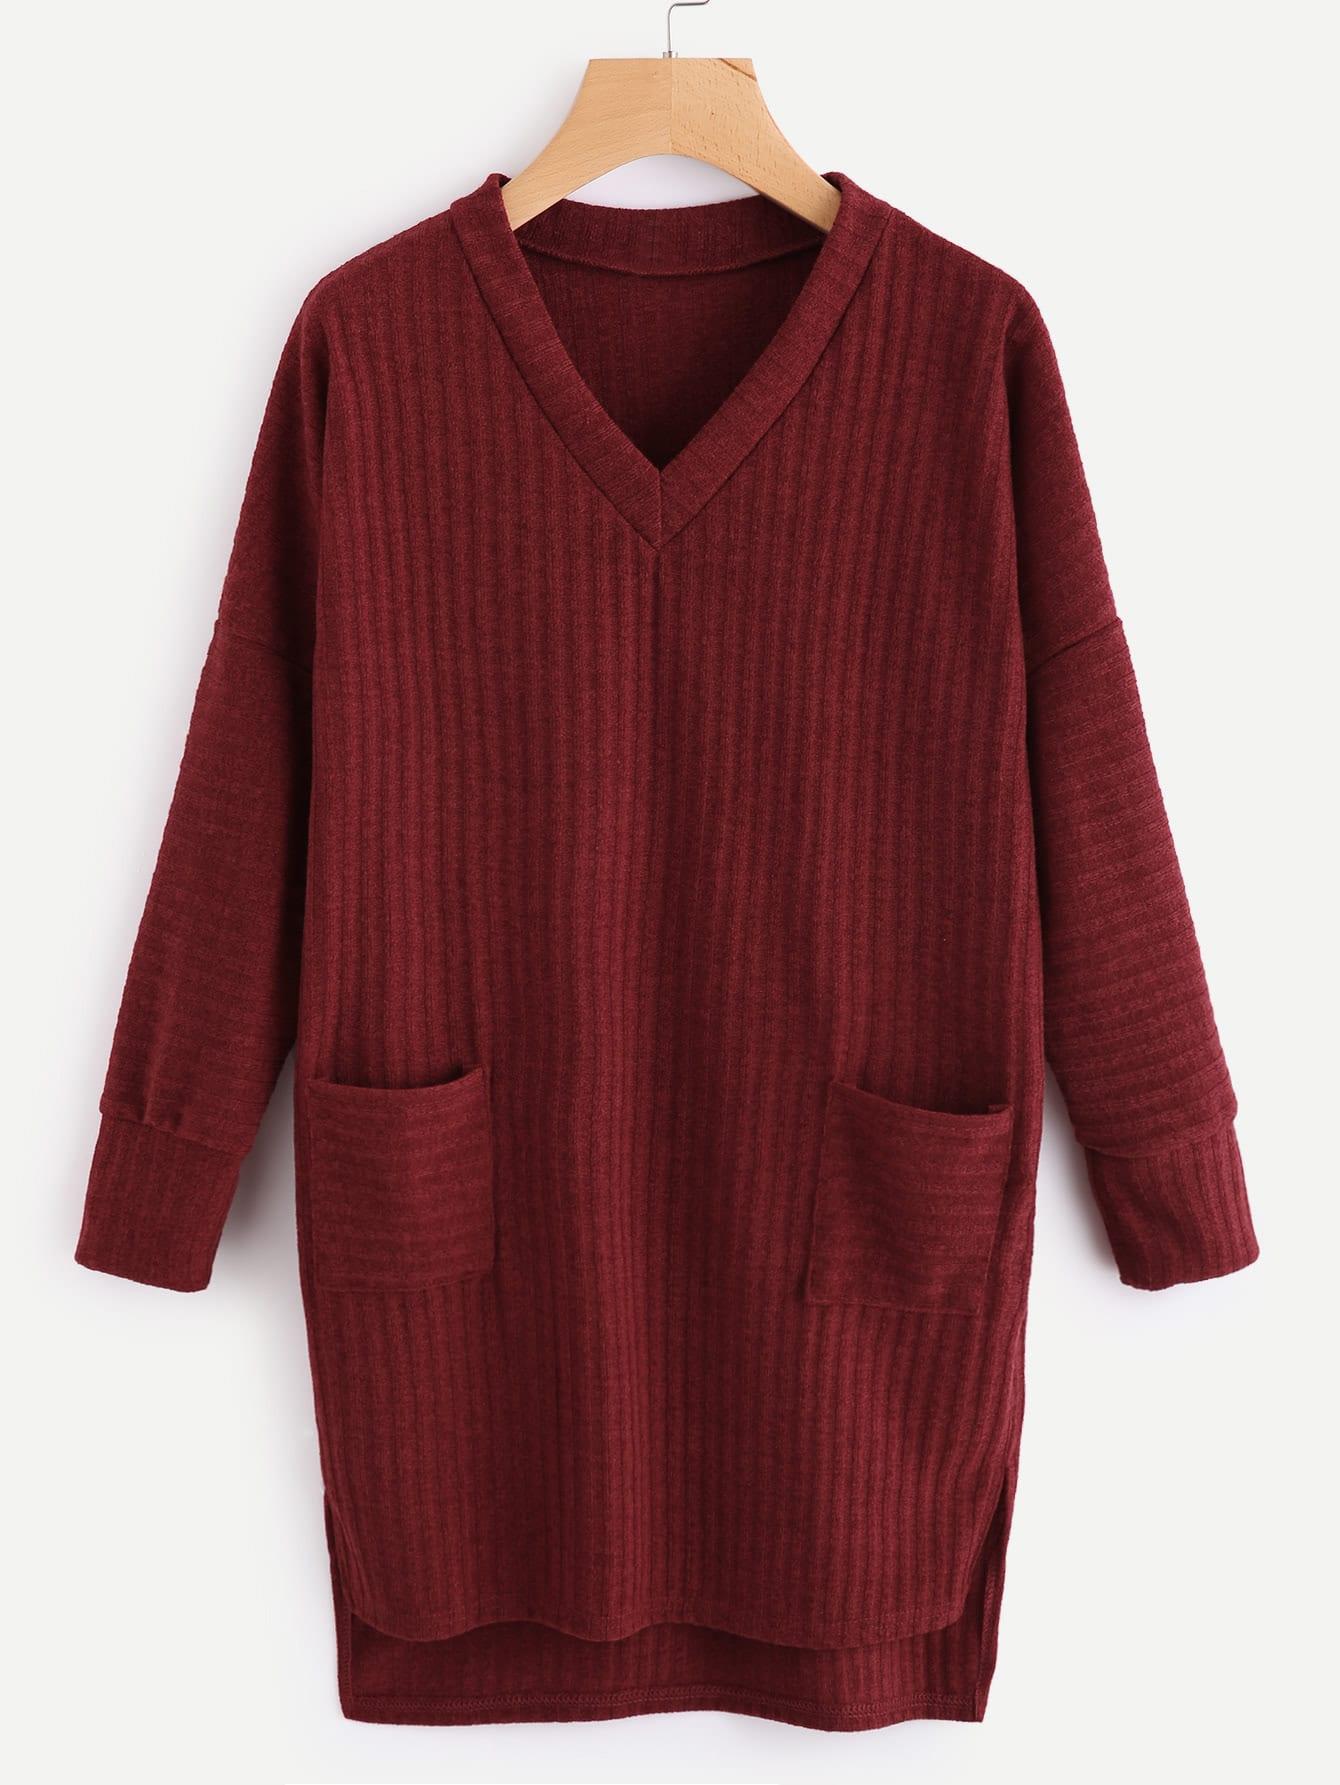 V Neckline Dip Hem Pocket Ribbed Sweater Dress RDRE170905020